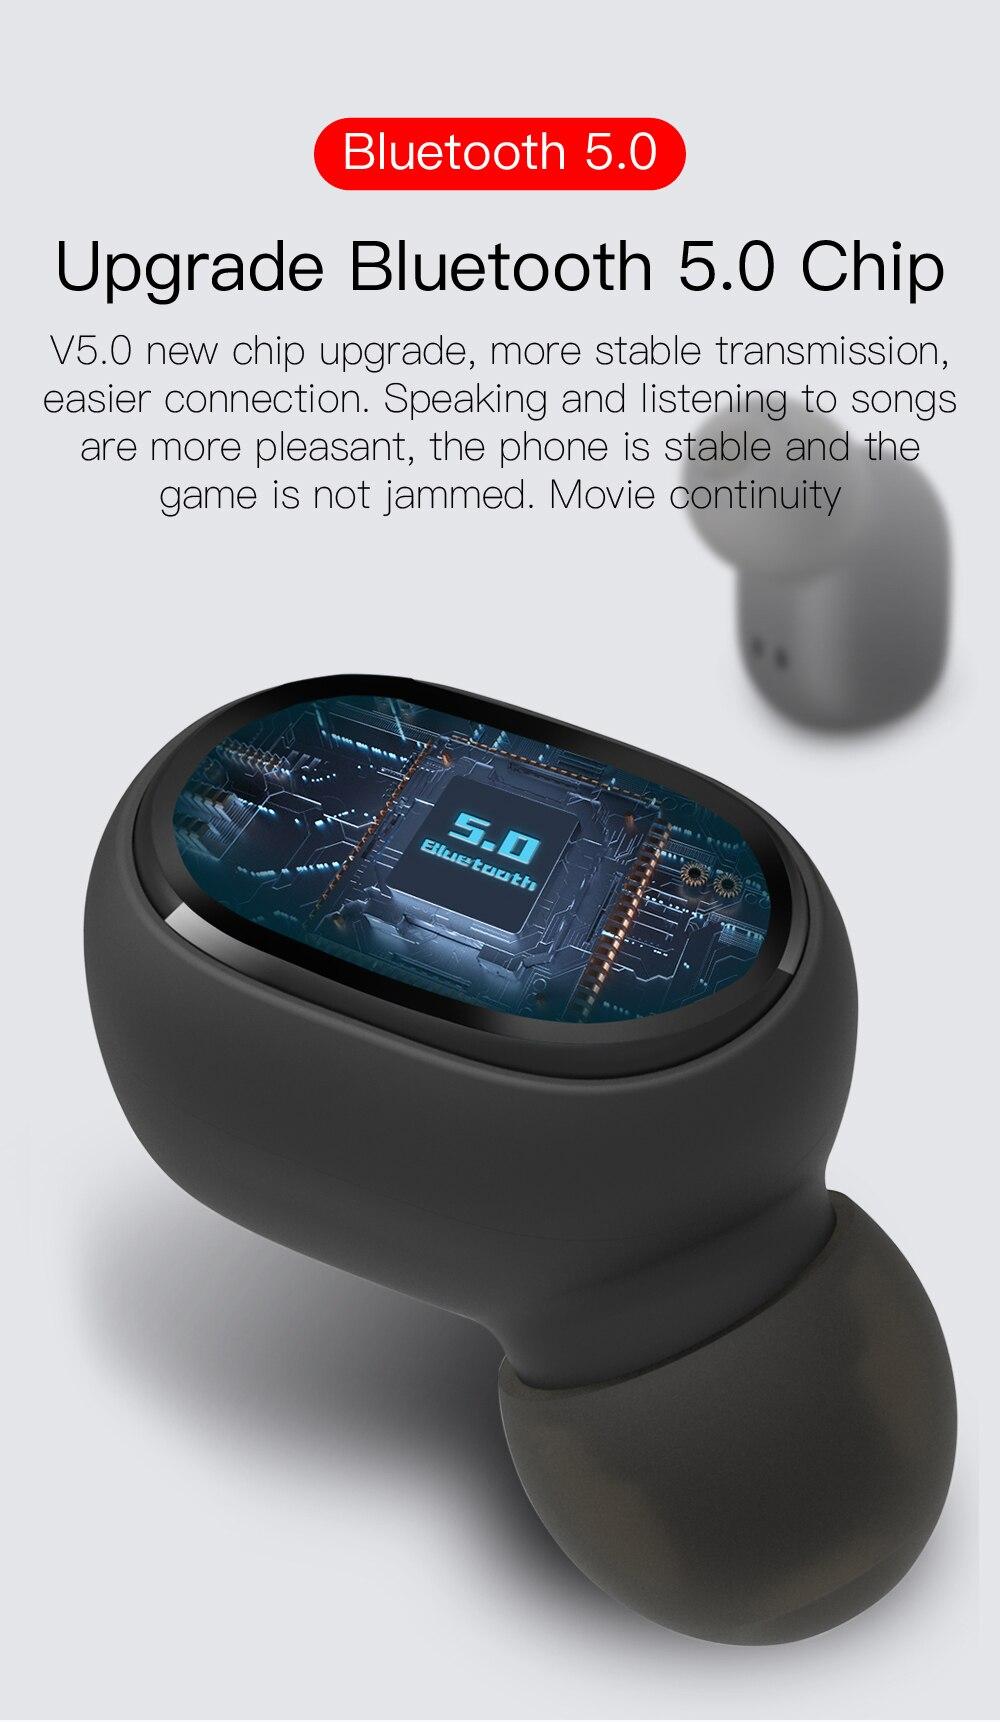 E6S耳机详情设计-英文_07